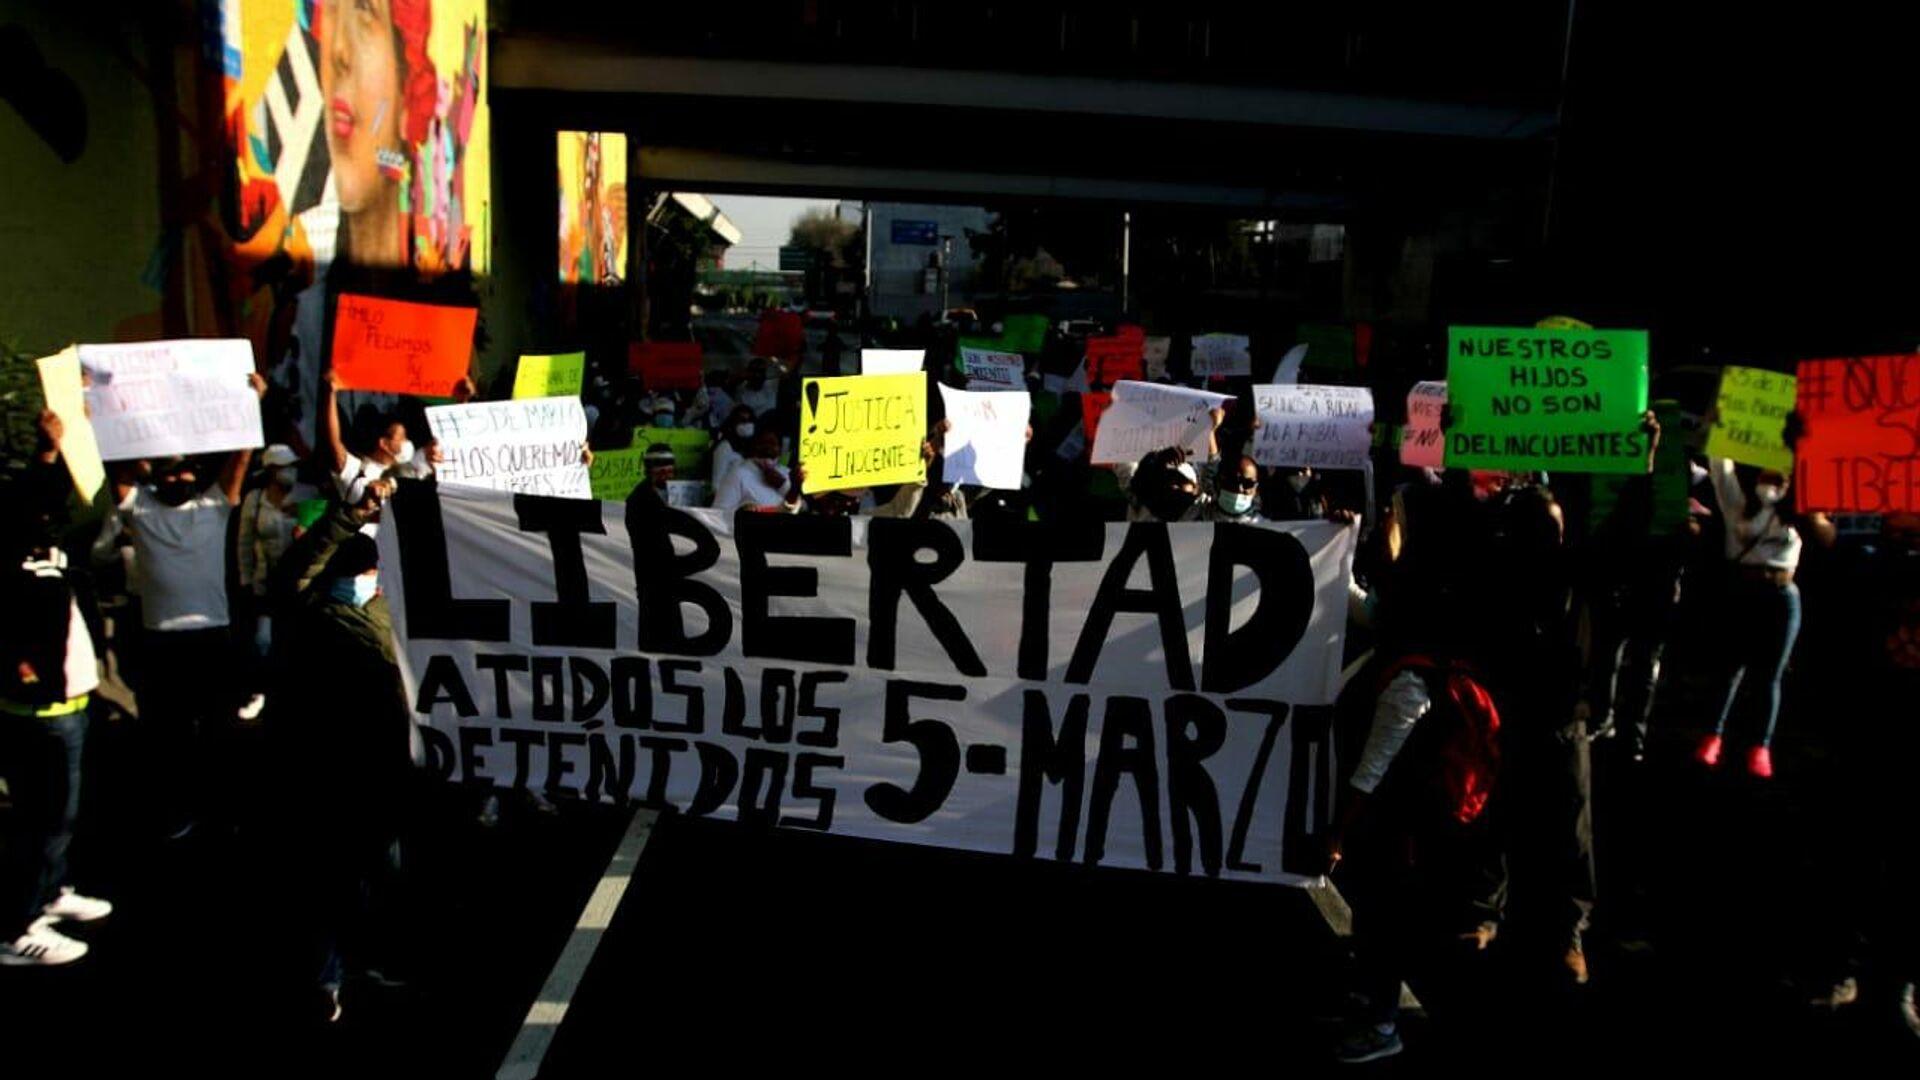 Protestas por los motociclistas detenidos en la Ciudad de México - Sputnik Mundo, 1920, 17.03.2021